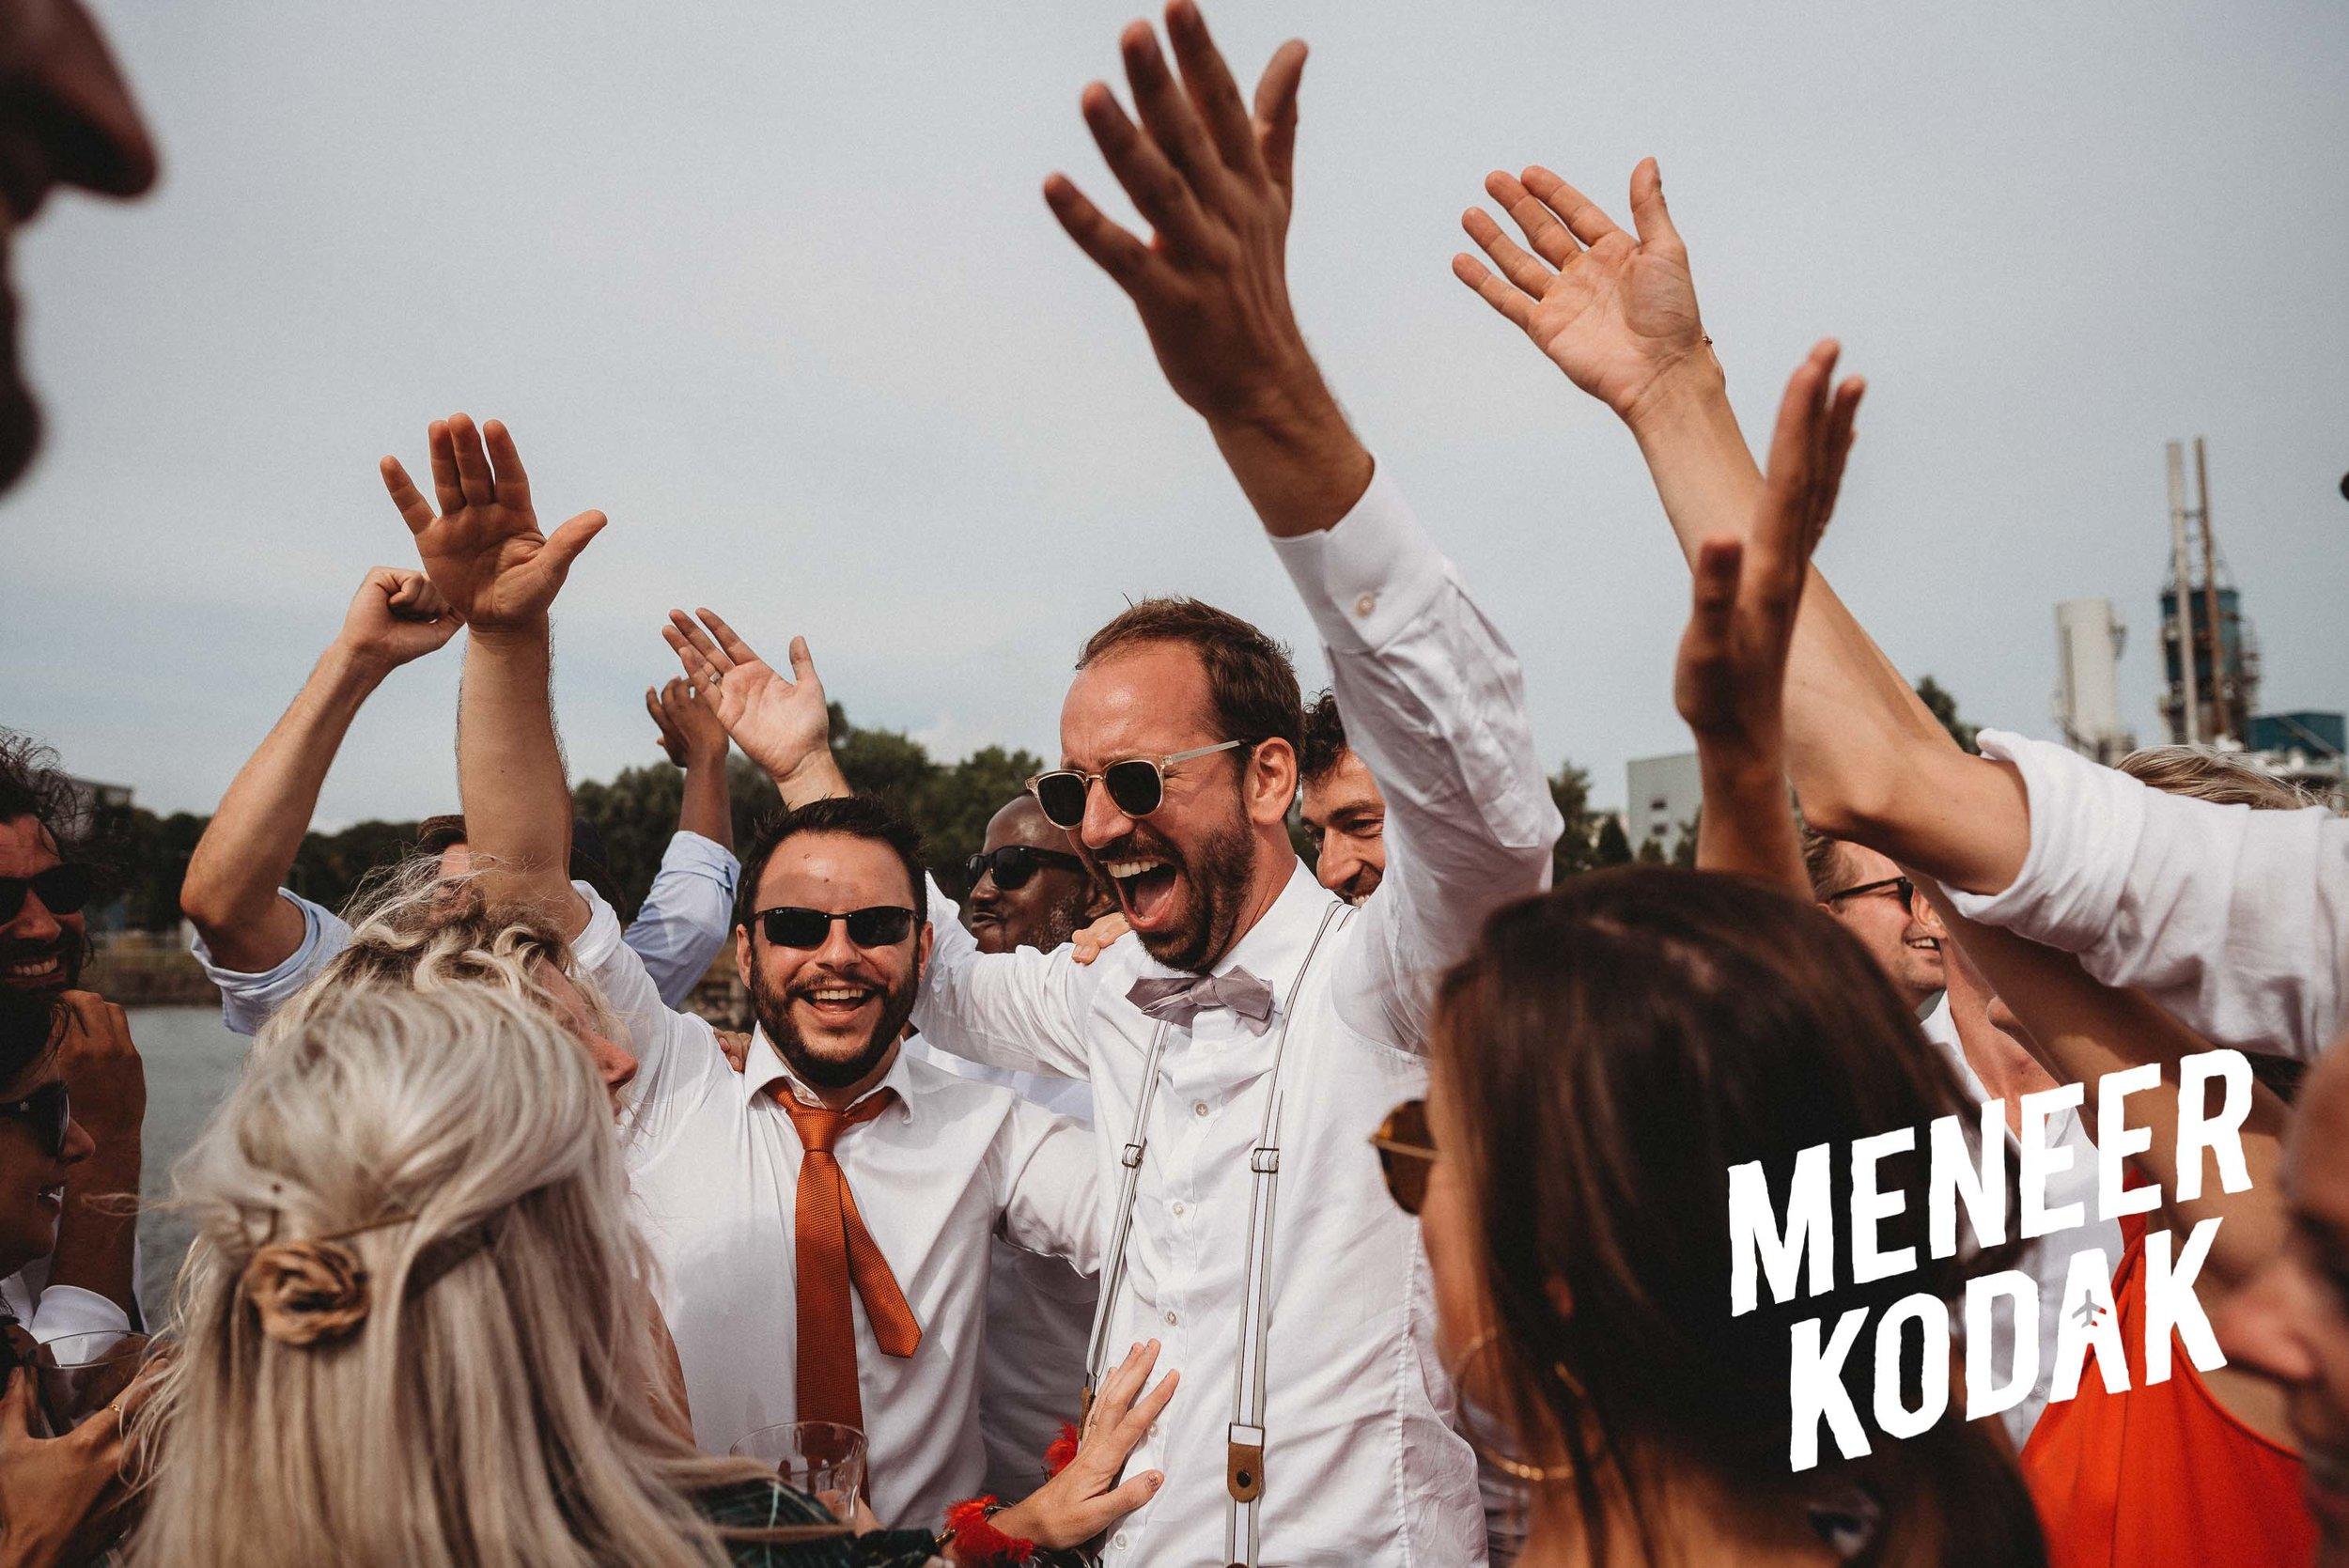 Meneer Kodak - Trouwfotograaf - Amsterdam - H&T-093.jpg